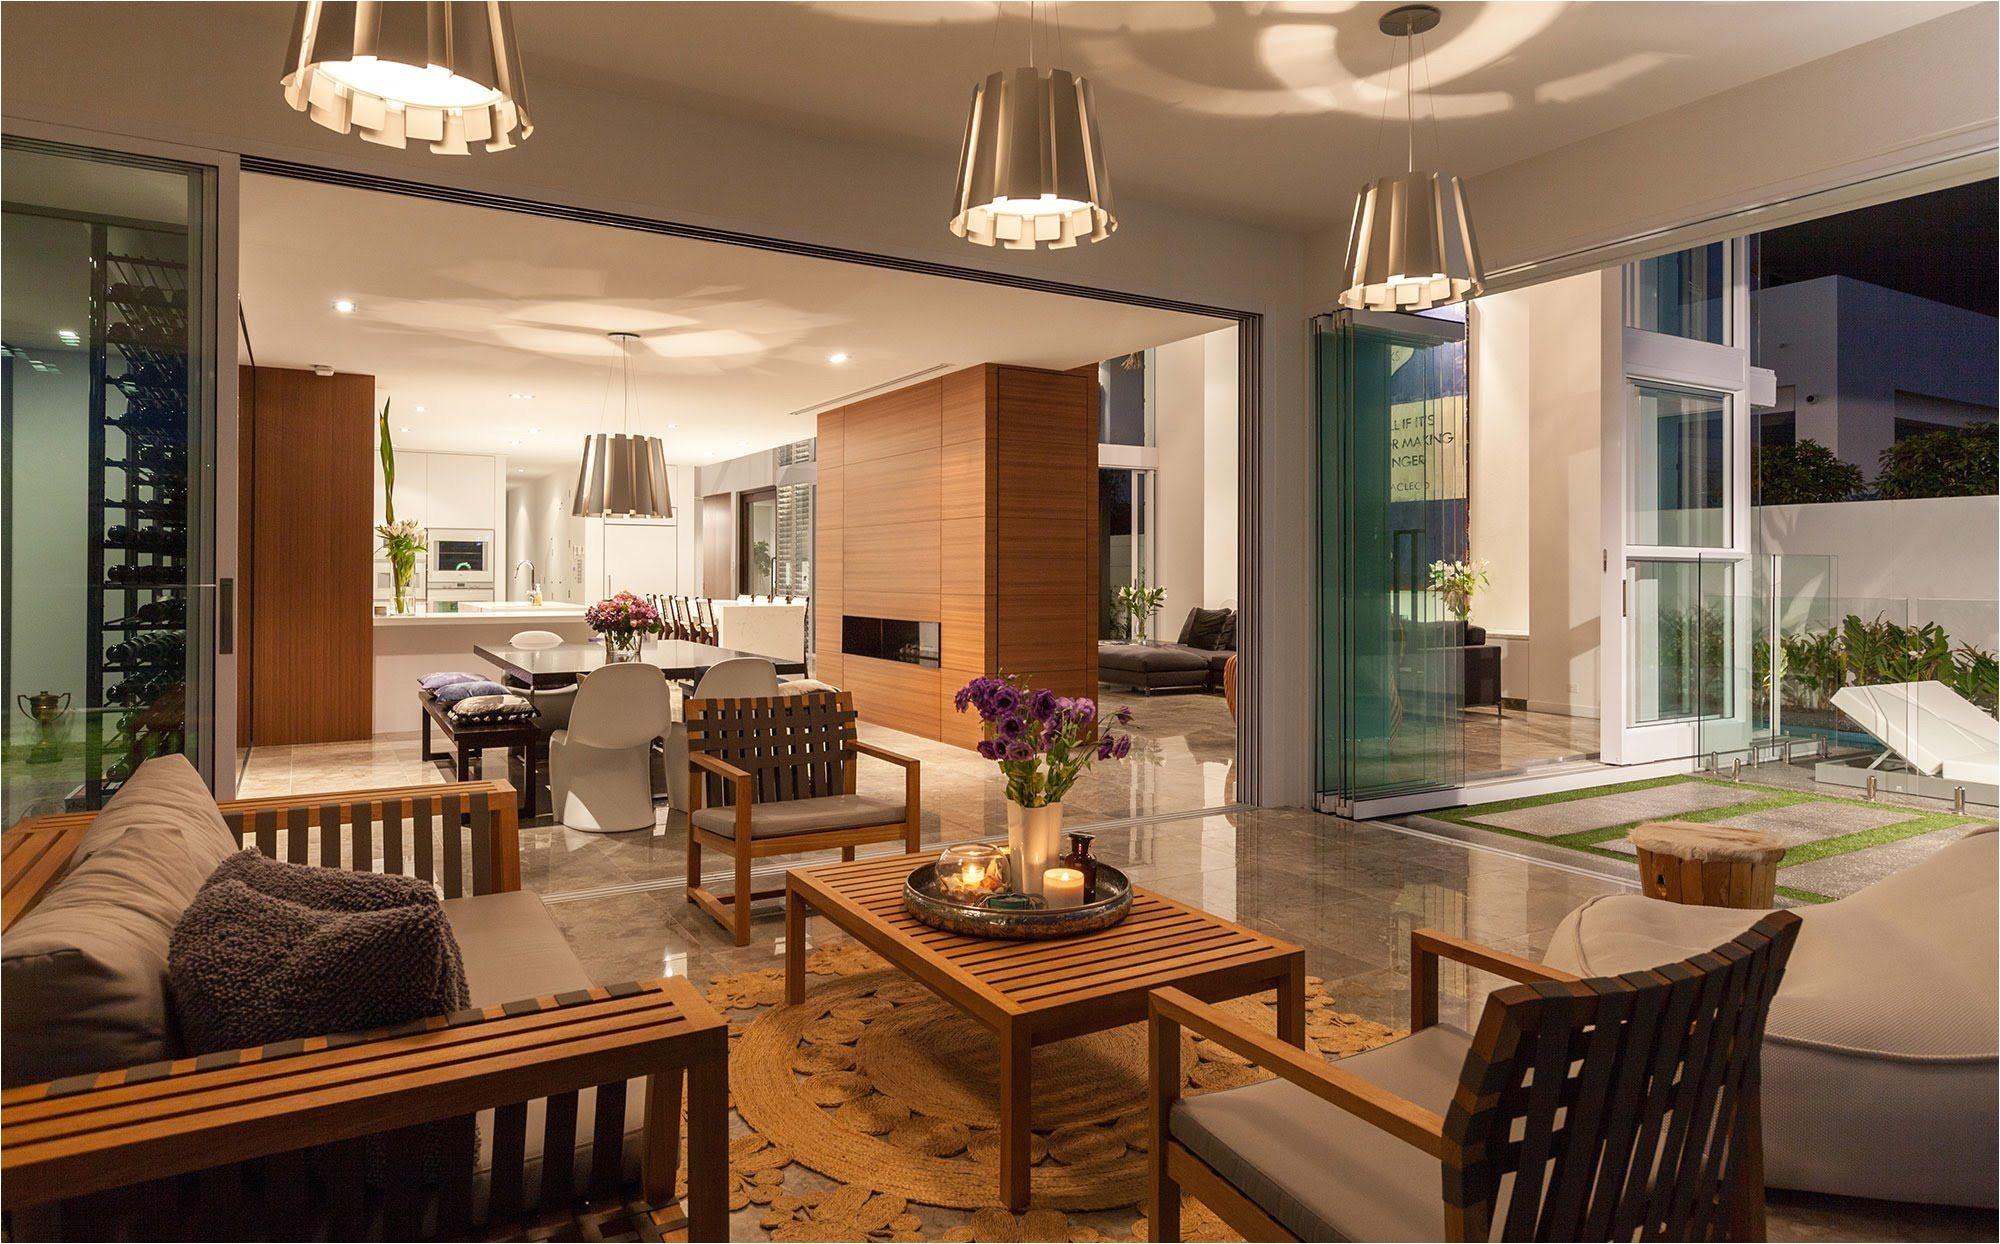 home design ideas with cape cod interior design